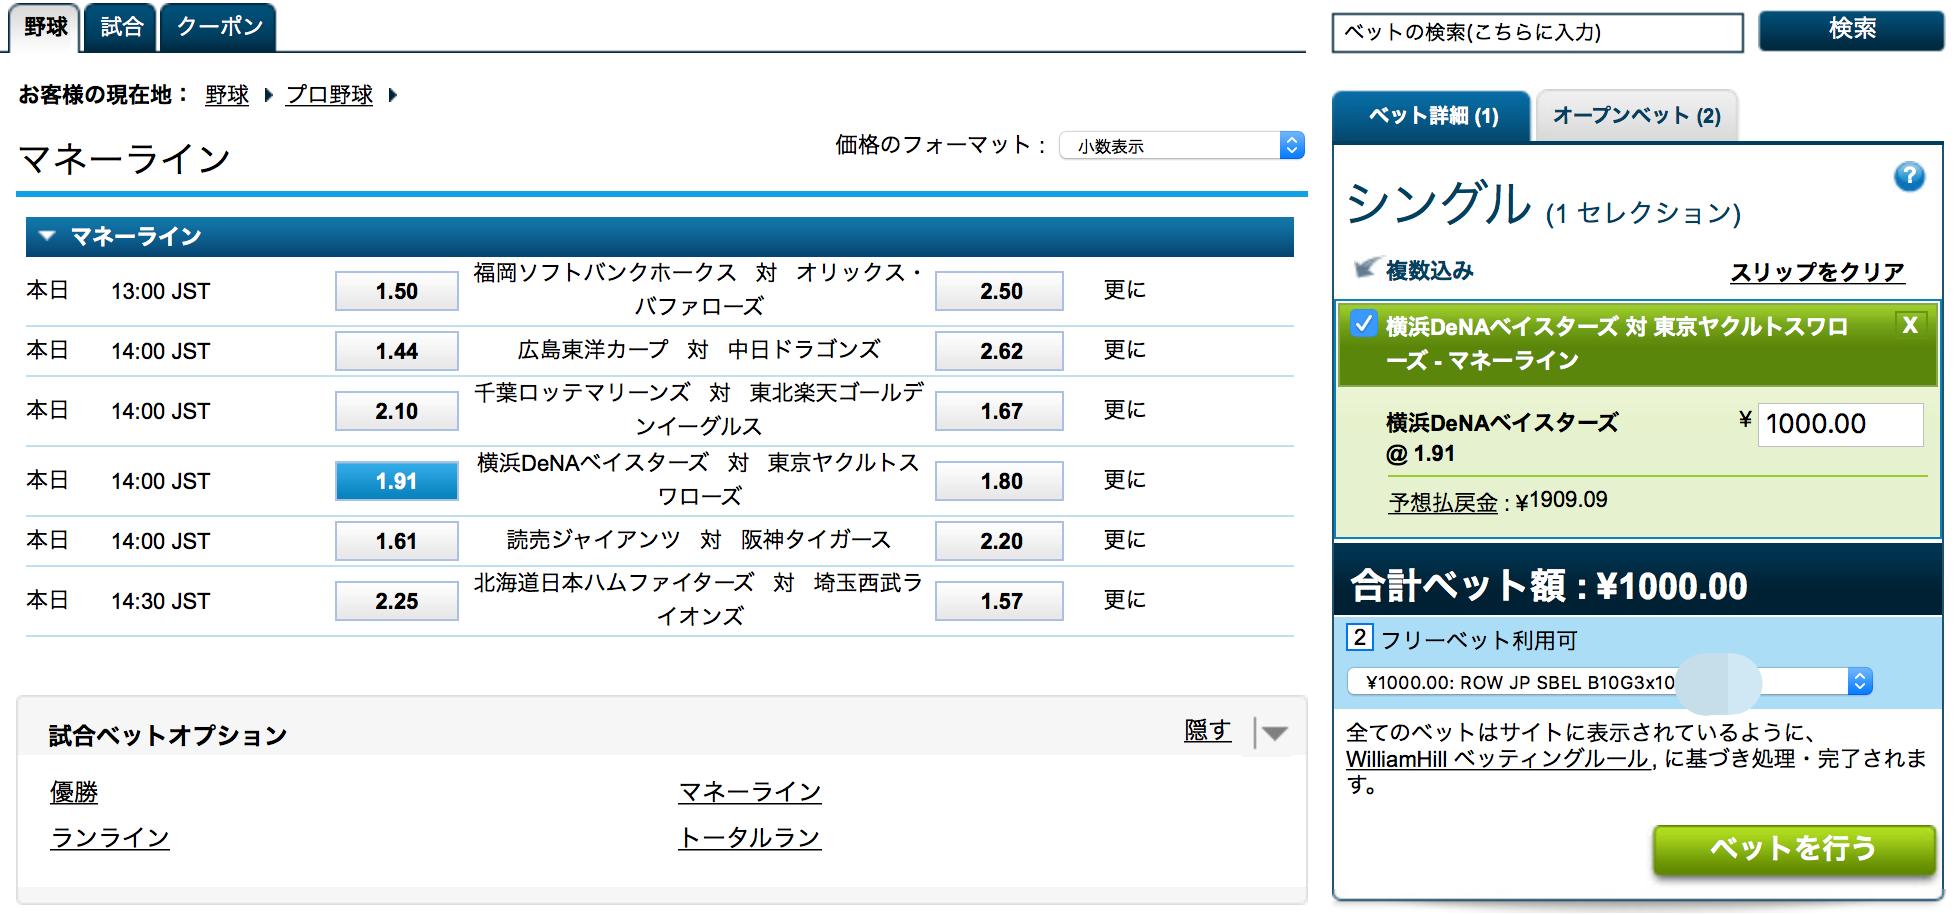 横浜DeNA対東京ヤクルトにベット